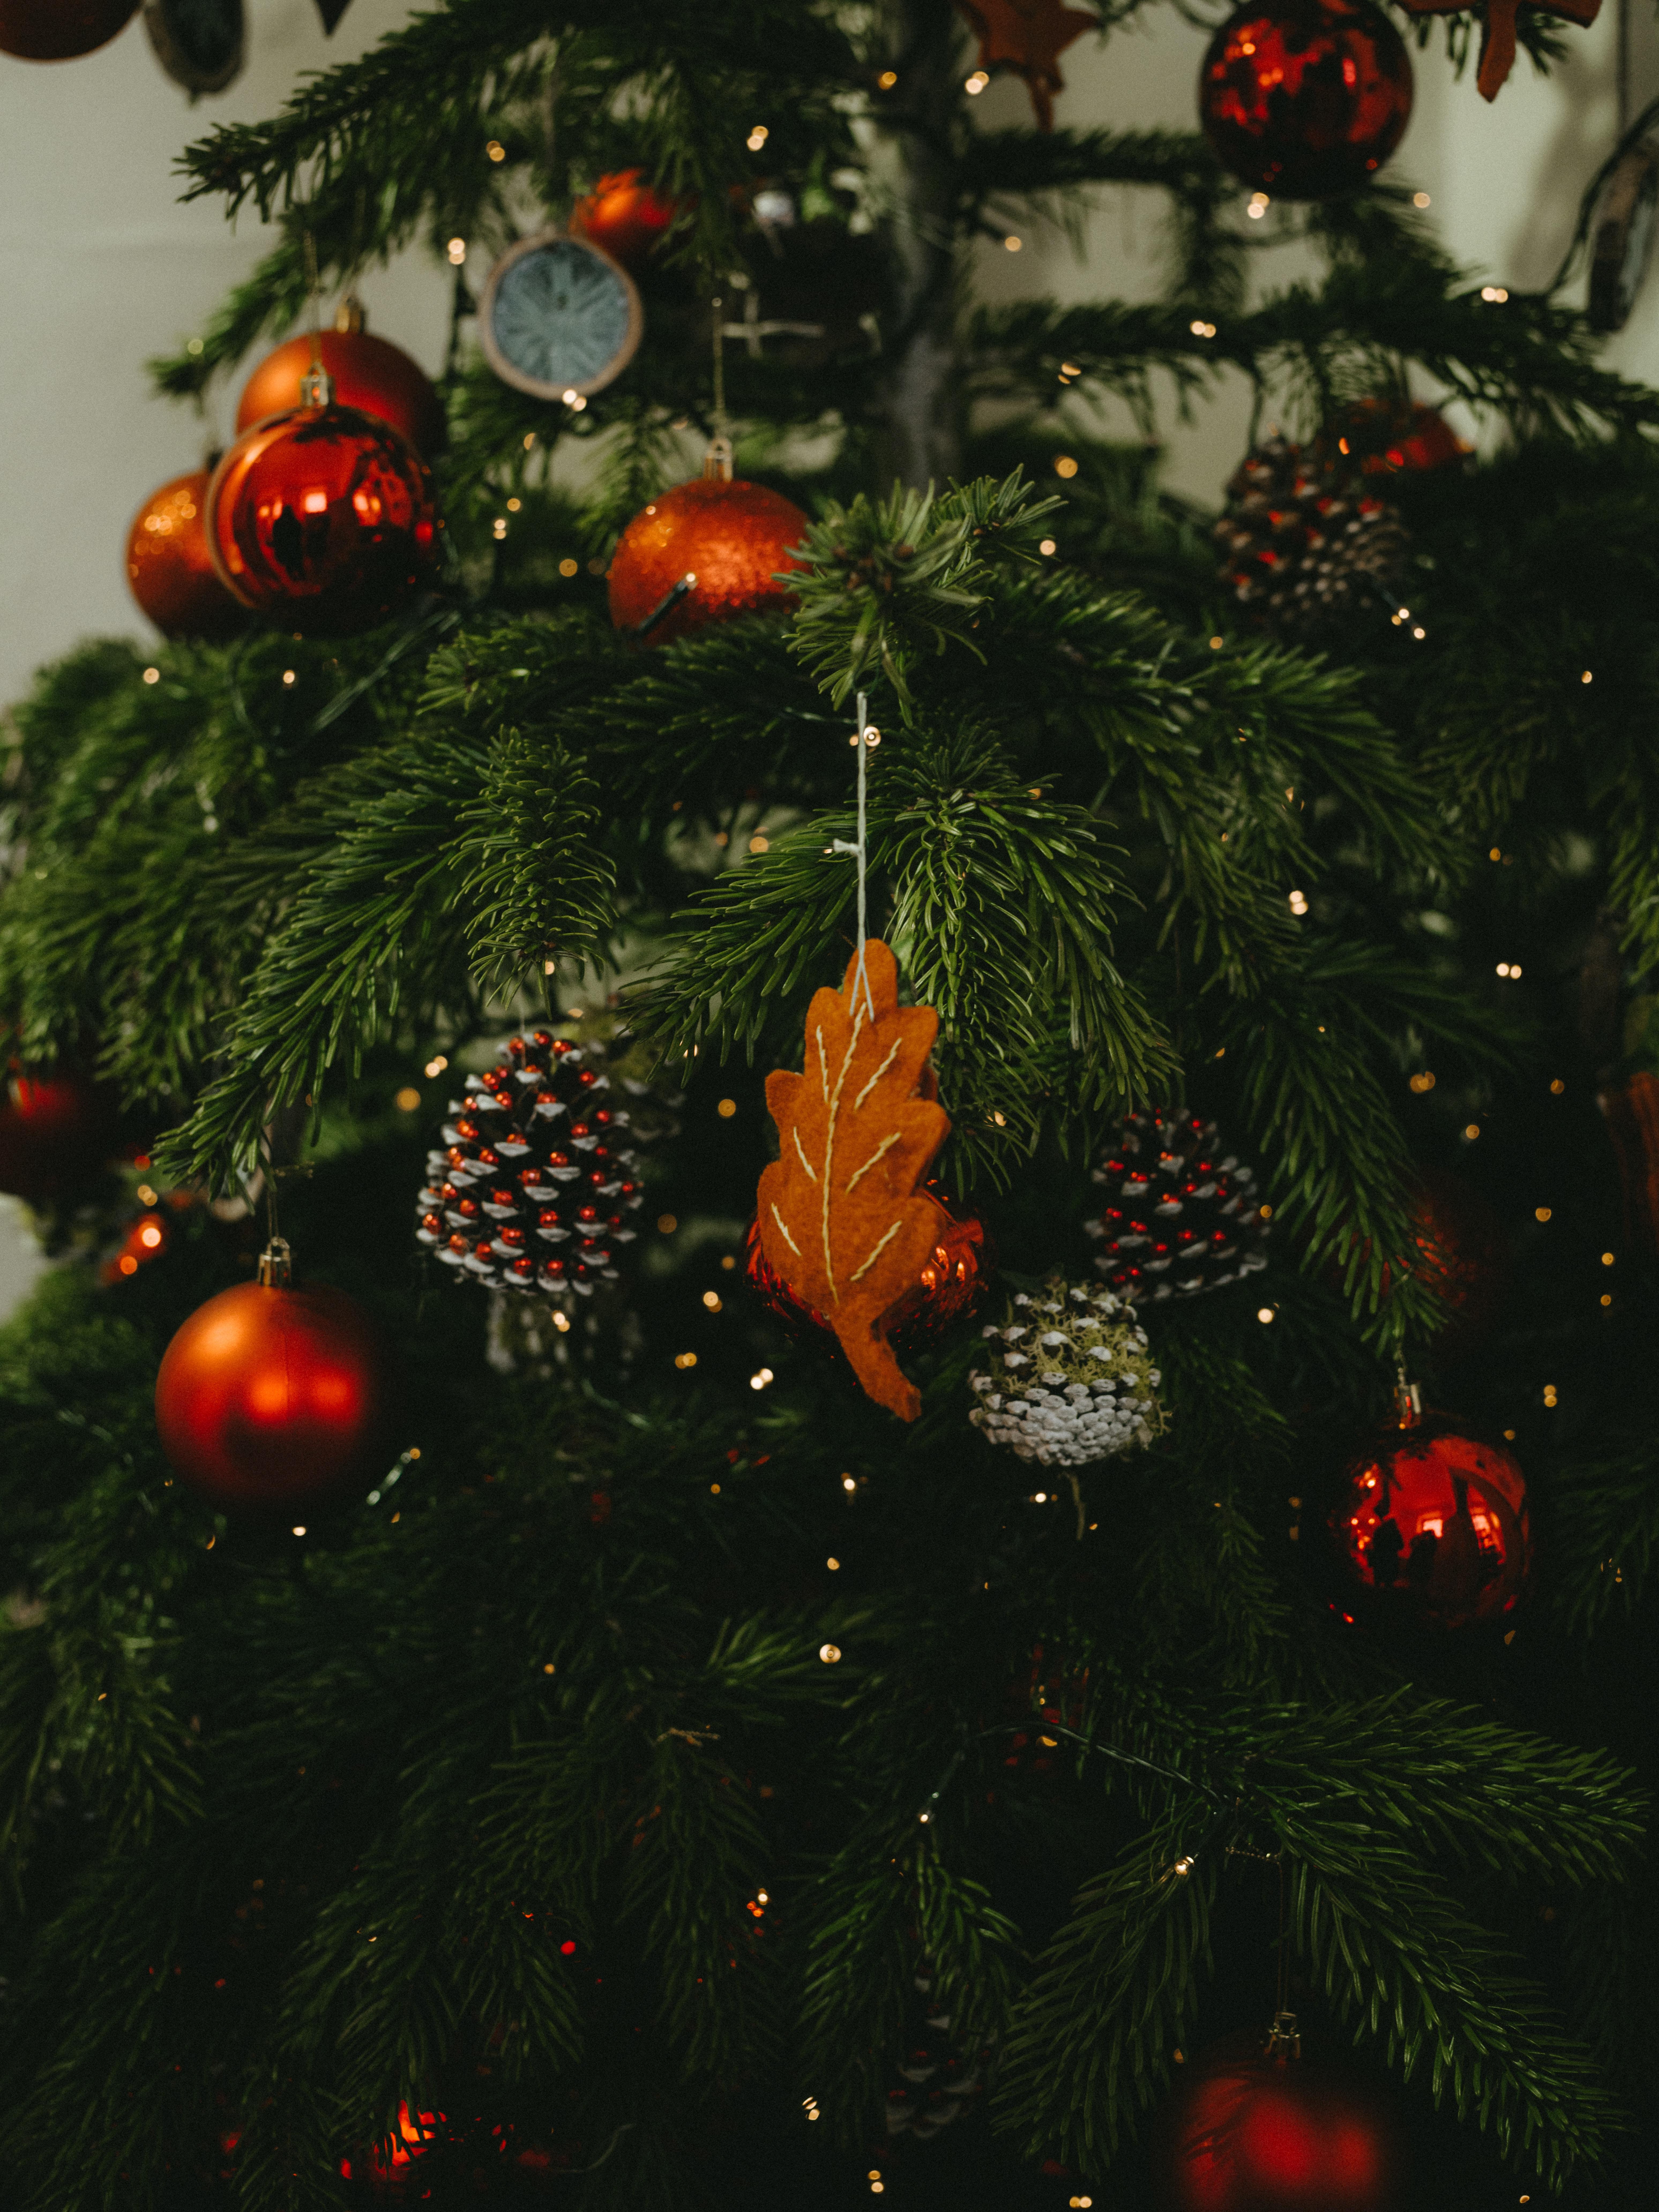 128973 скачать обои Праздники, Украшения, Рождество, Новый Год, Праздник, Елка - заставки и картинки бесплатно